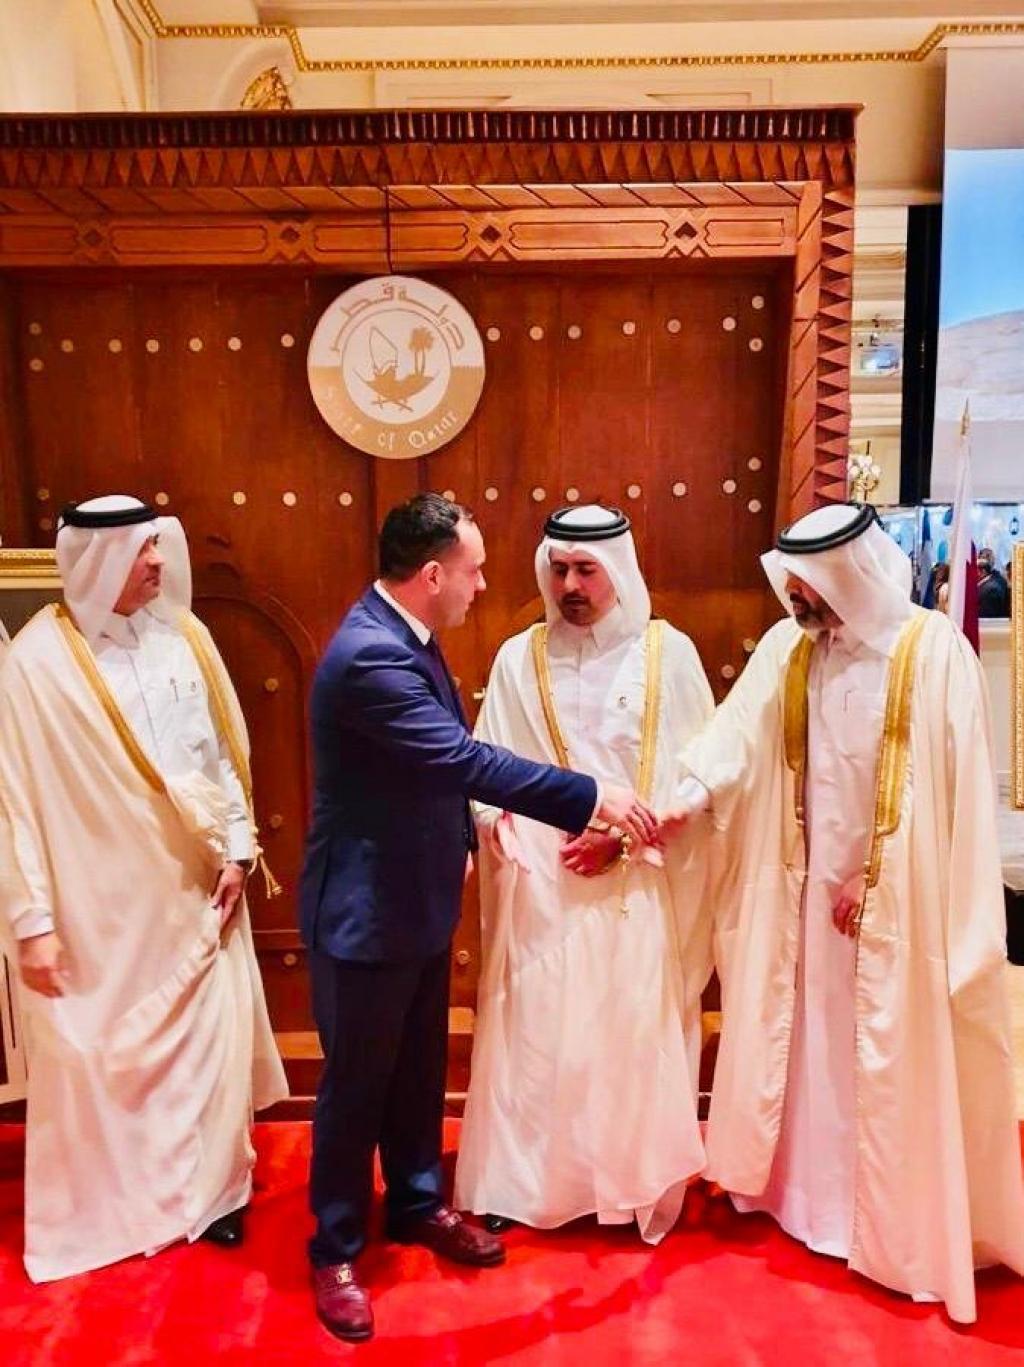 Σε εκδήλωση της Πρεσβείας του Κατάρ ο δήμαρχος Μυκόνου – Η διαχρονική σχέση και τα οφέλη για το νησί